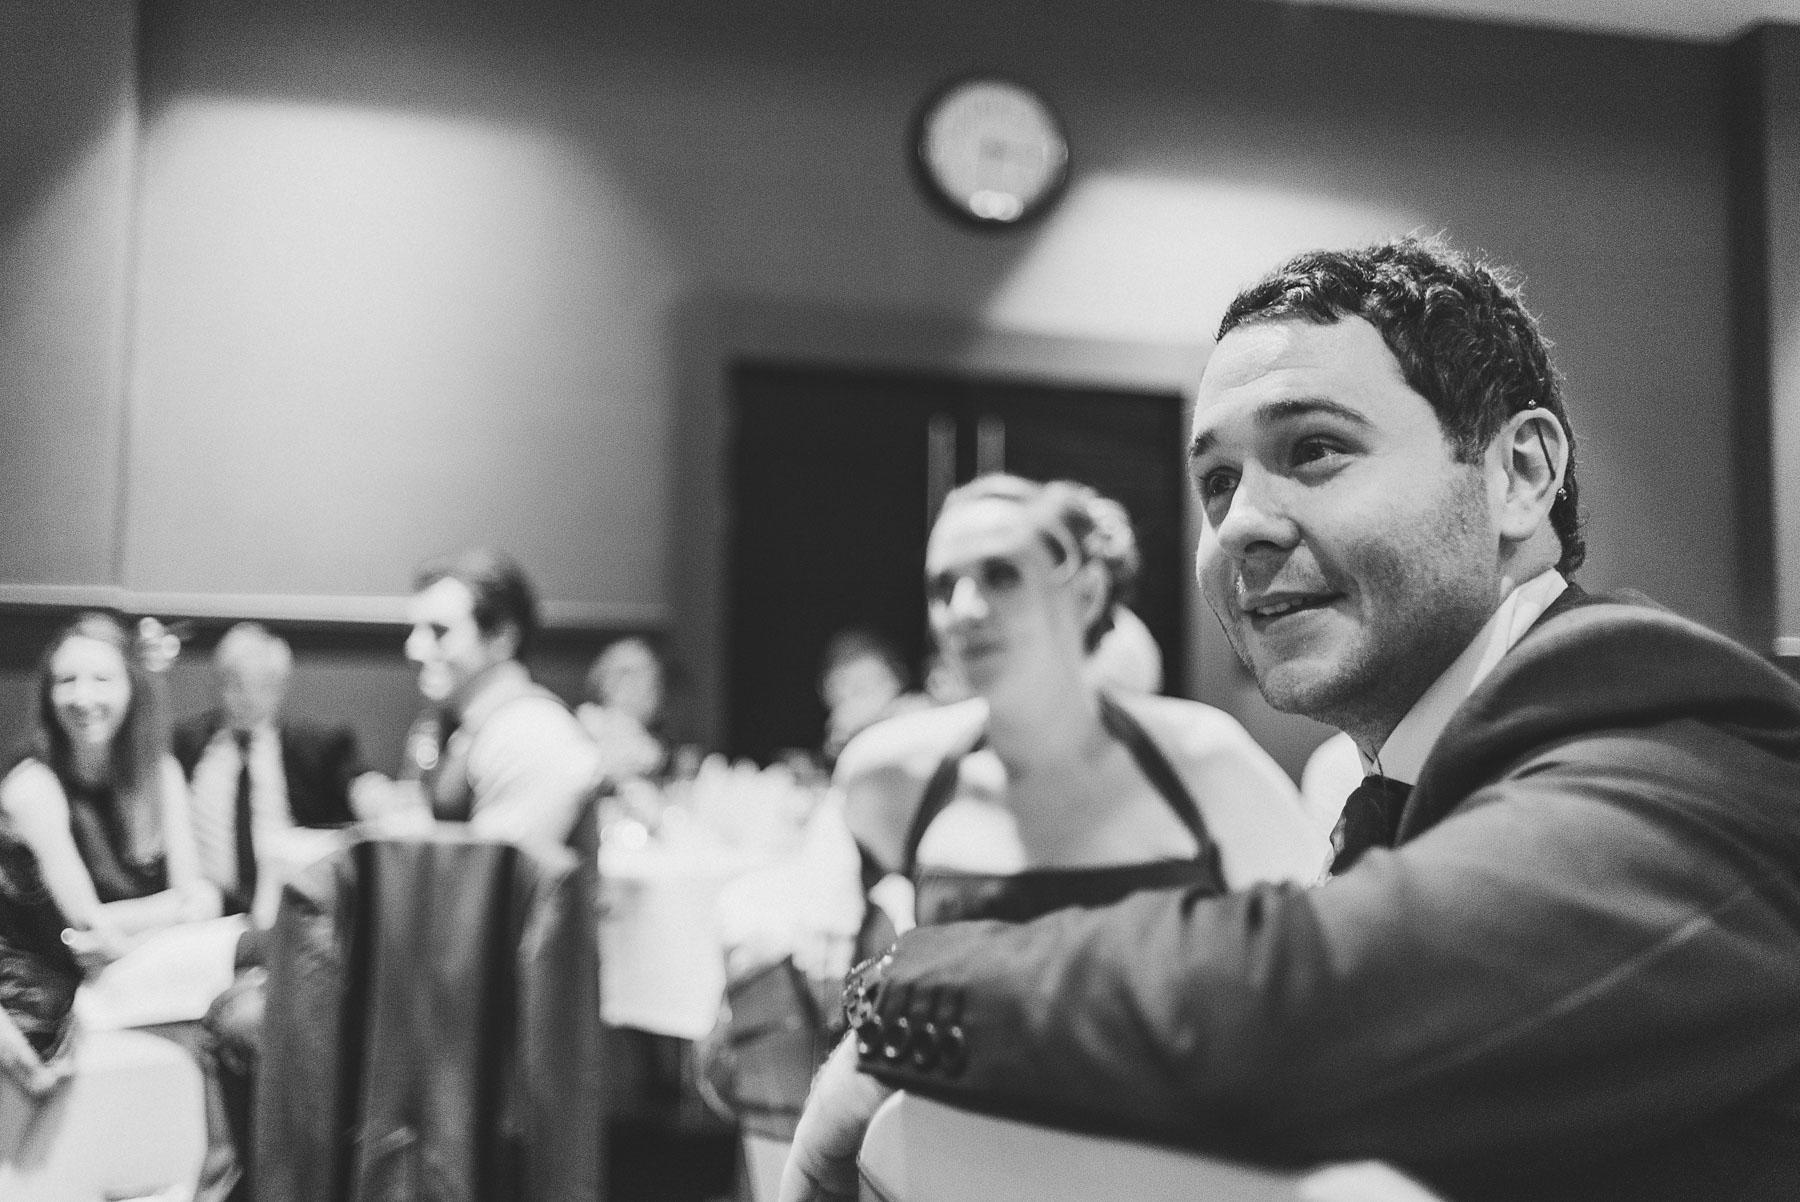 Wedding guest enjoys speech